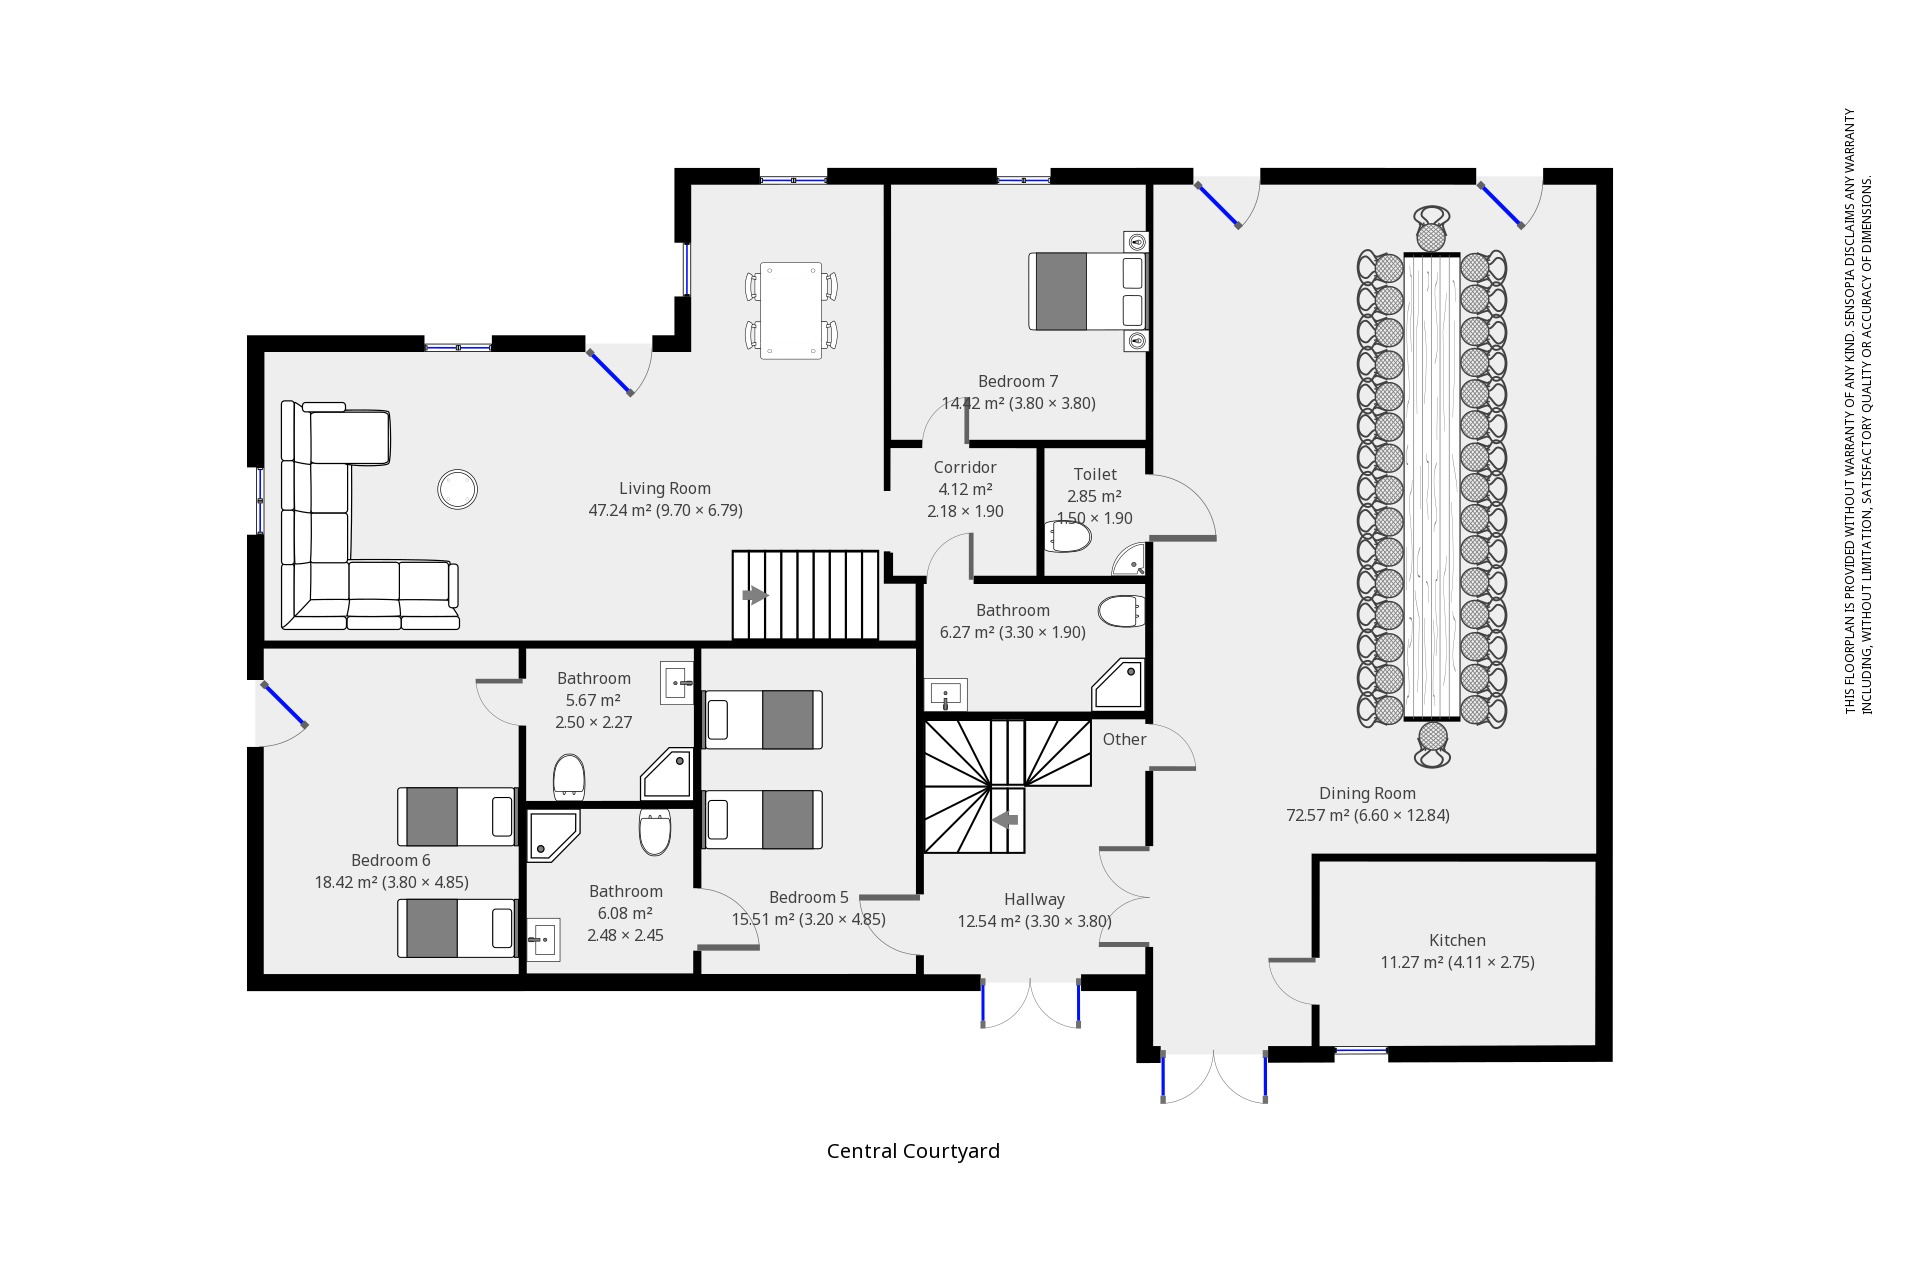 Leymeronnie Barn ground floor plan